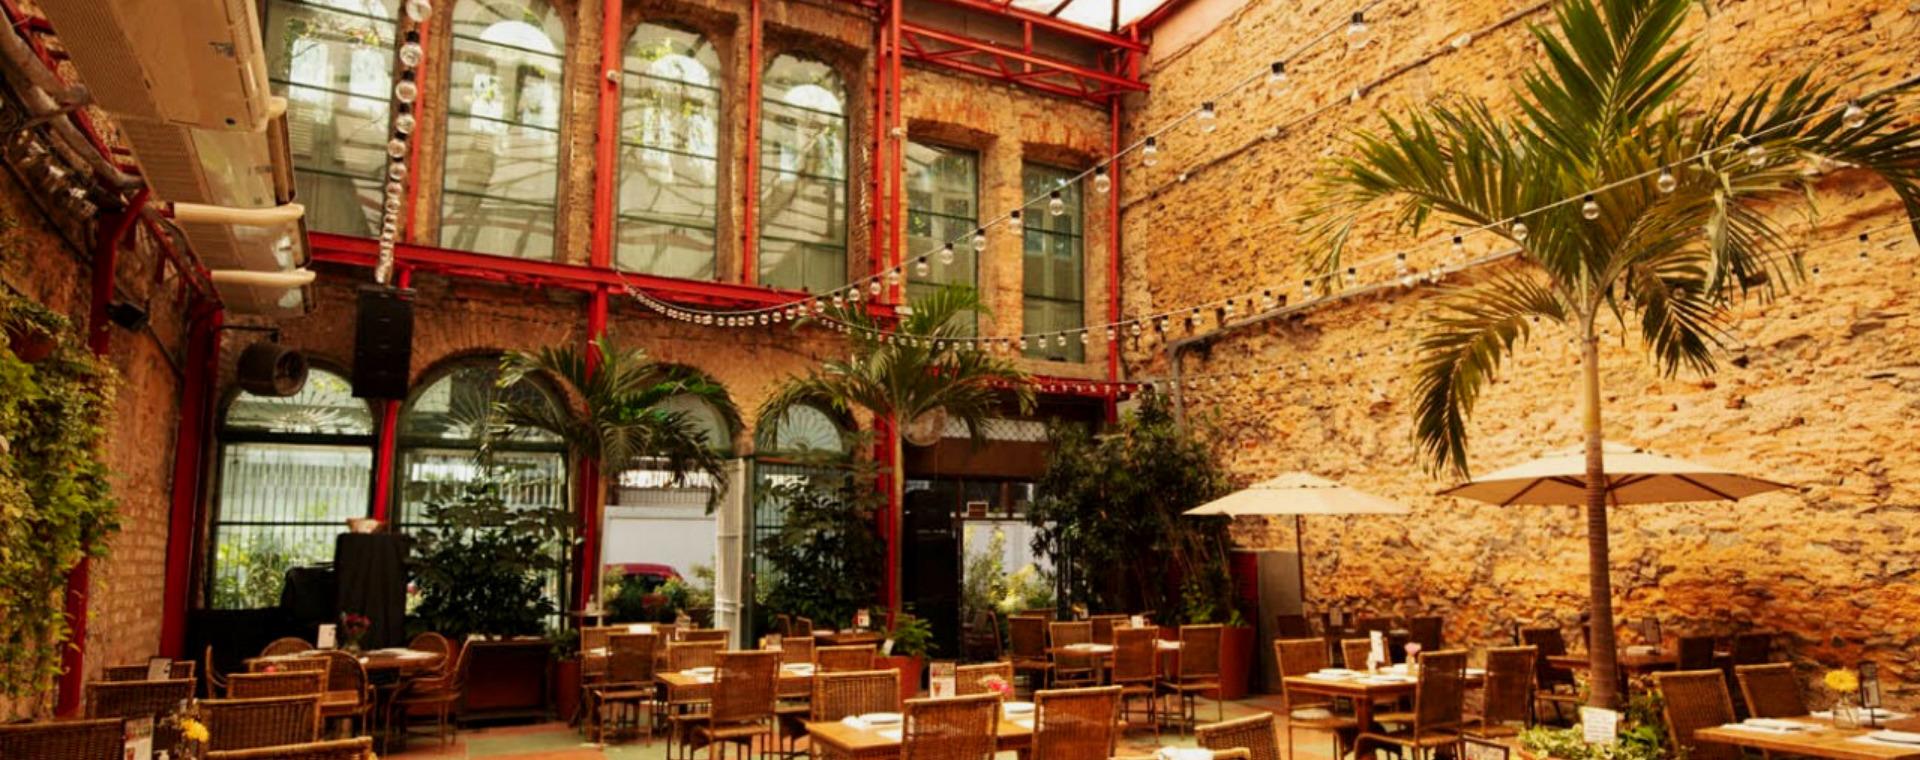 Restaurante Cais do Oriente